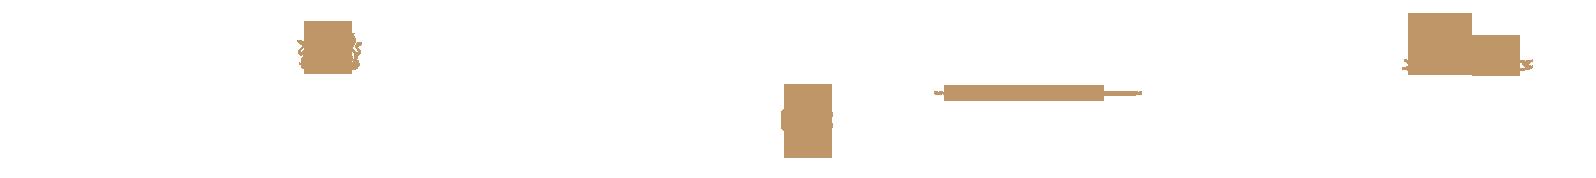 My-Tailor-Logo-labels-tissus-matériaux-naturels-authentiques-home-page